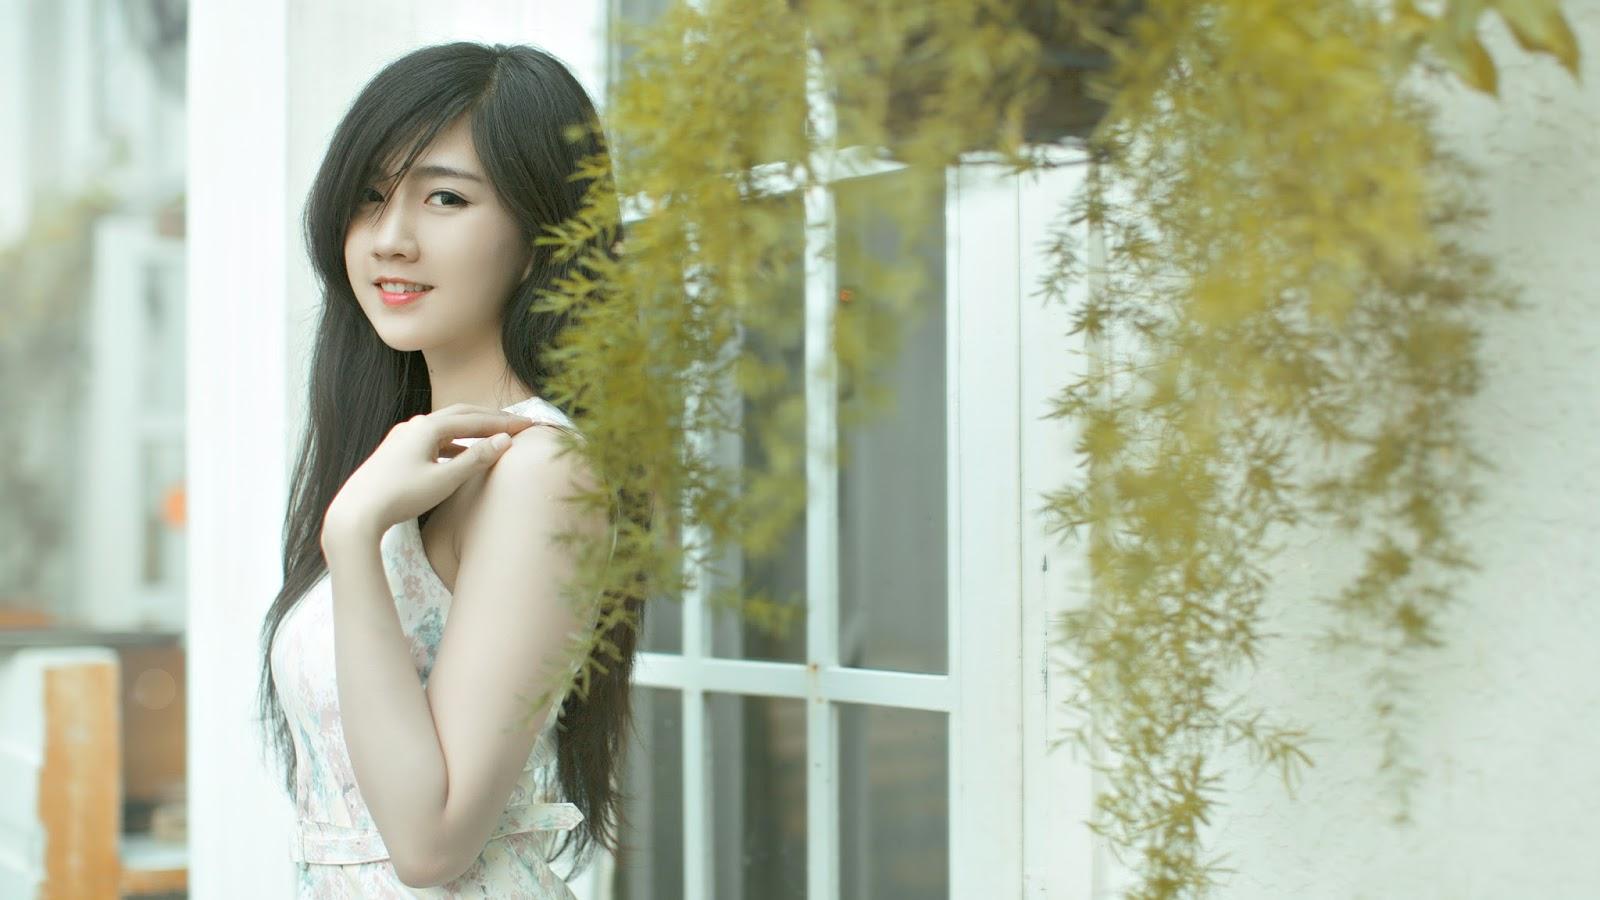 Ảnh gái đẹp xinh nhất